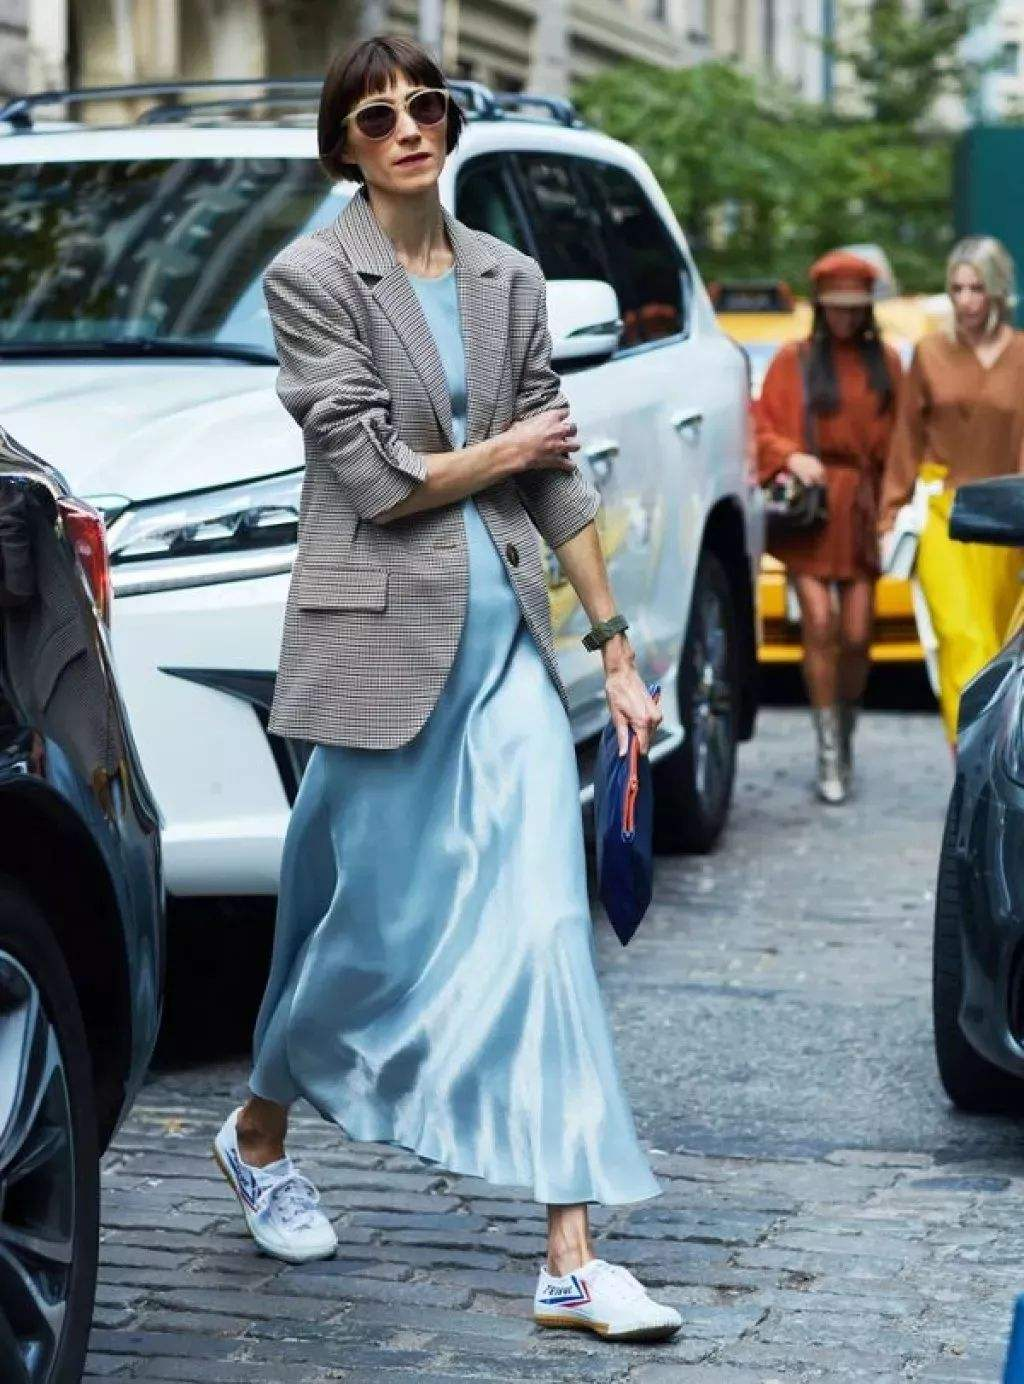 西装+裙子才是春天里的神仙组合,可盐可甜,连刘雯倪妮都种草了